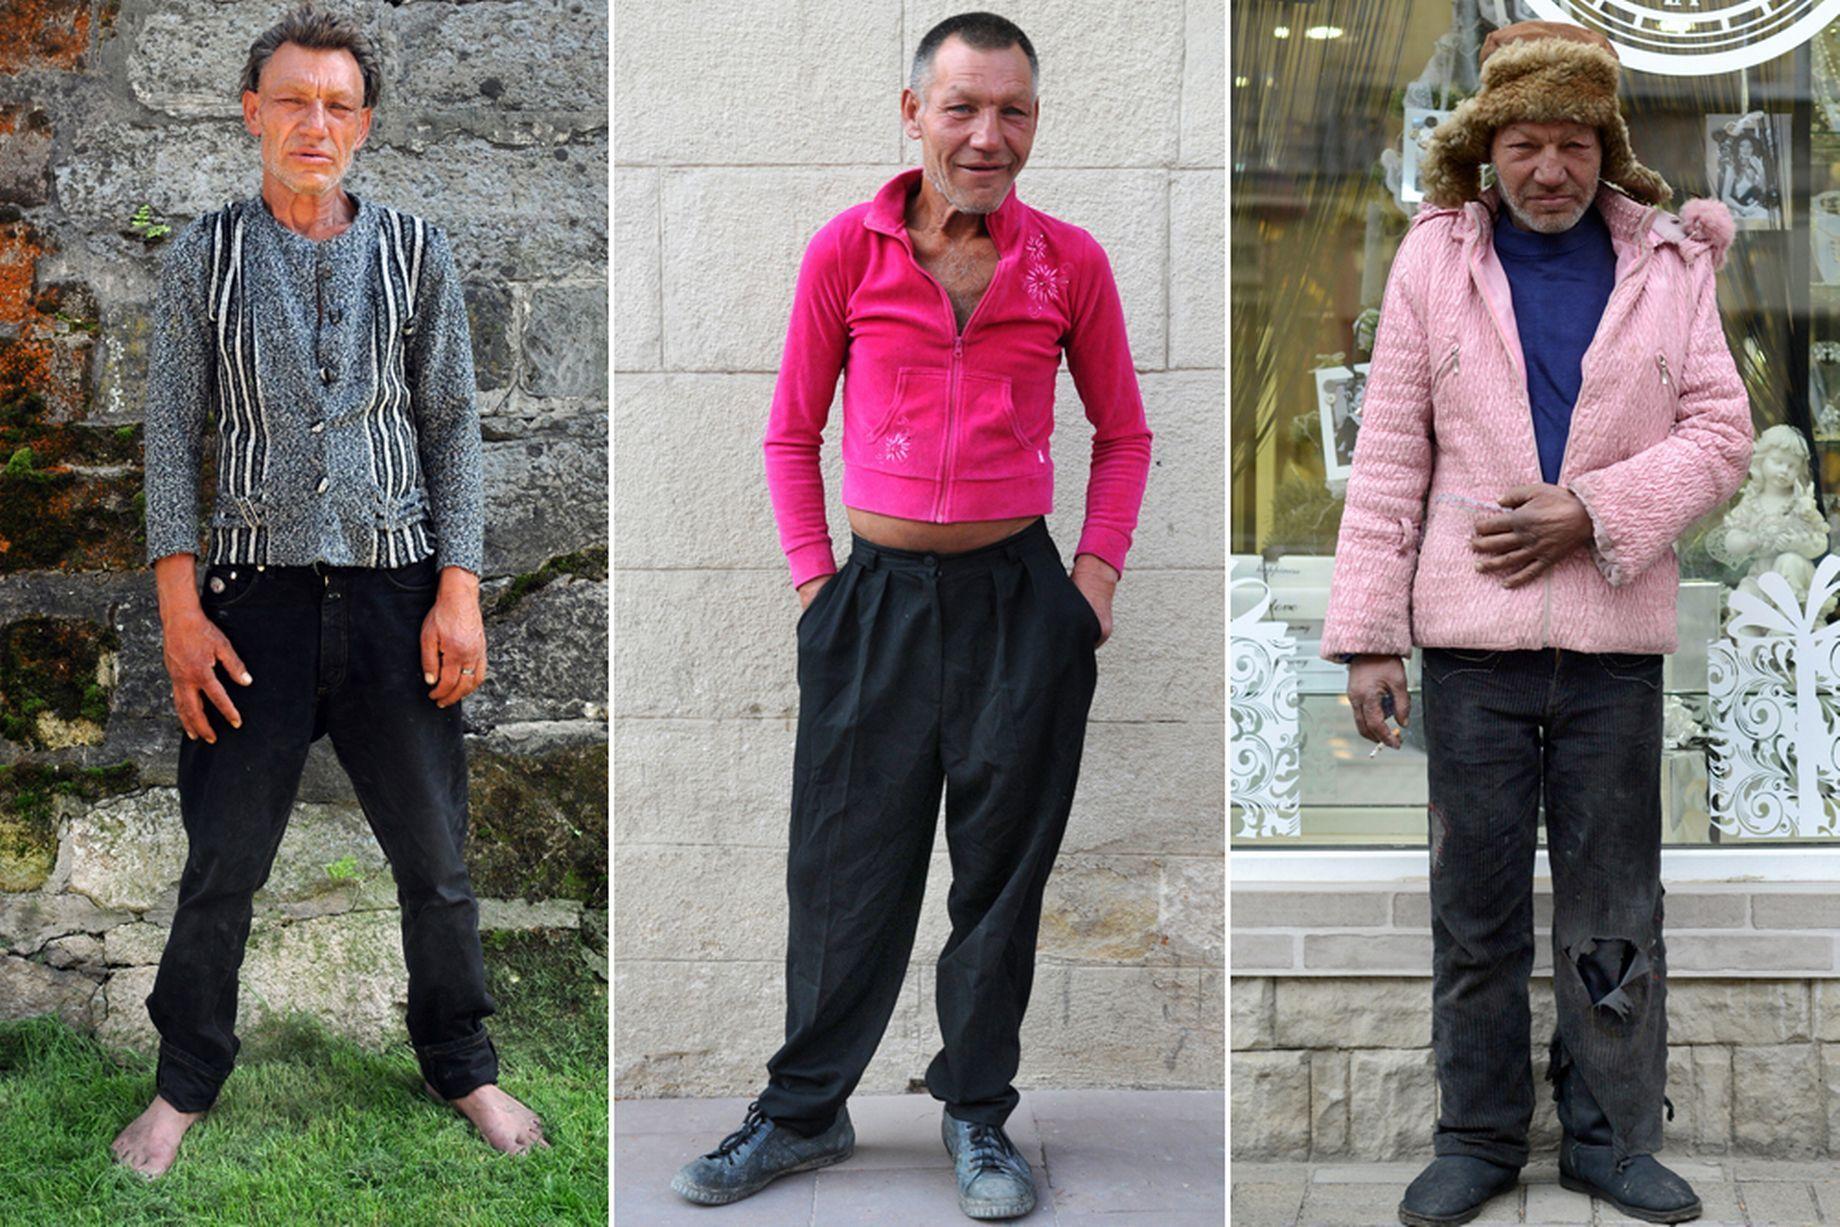 La moda di Slavik, l'homeless fashionista più famoso in Ucraina